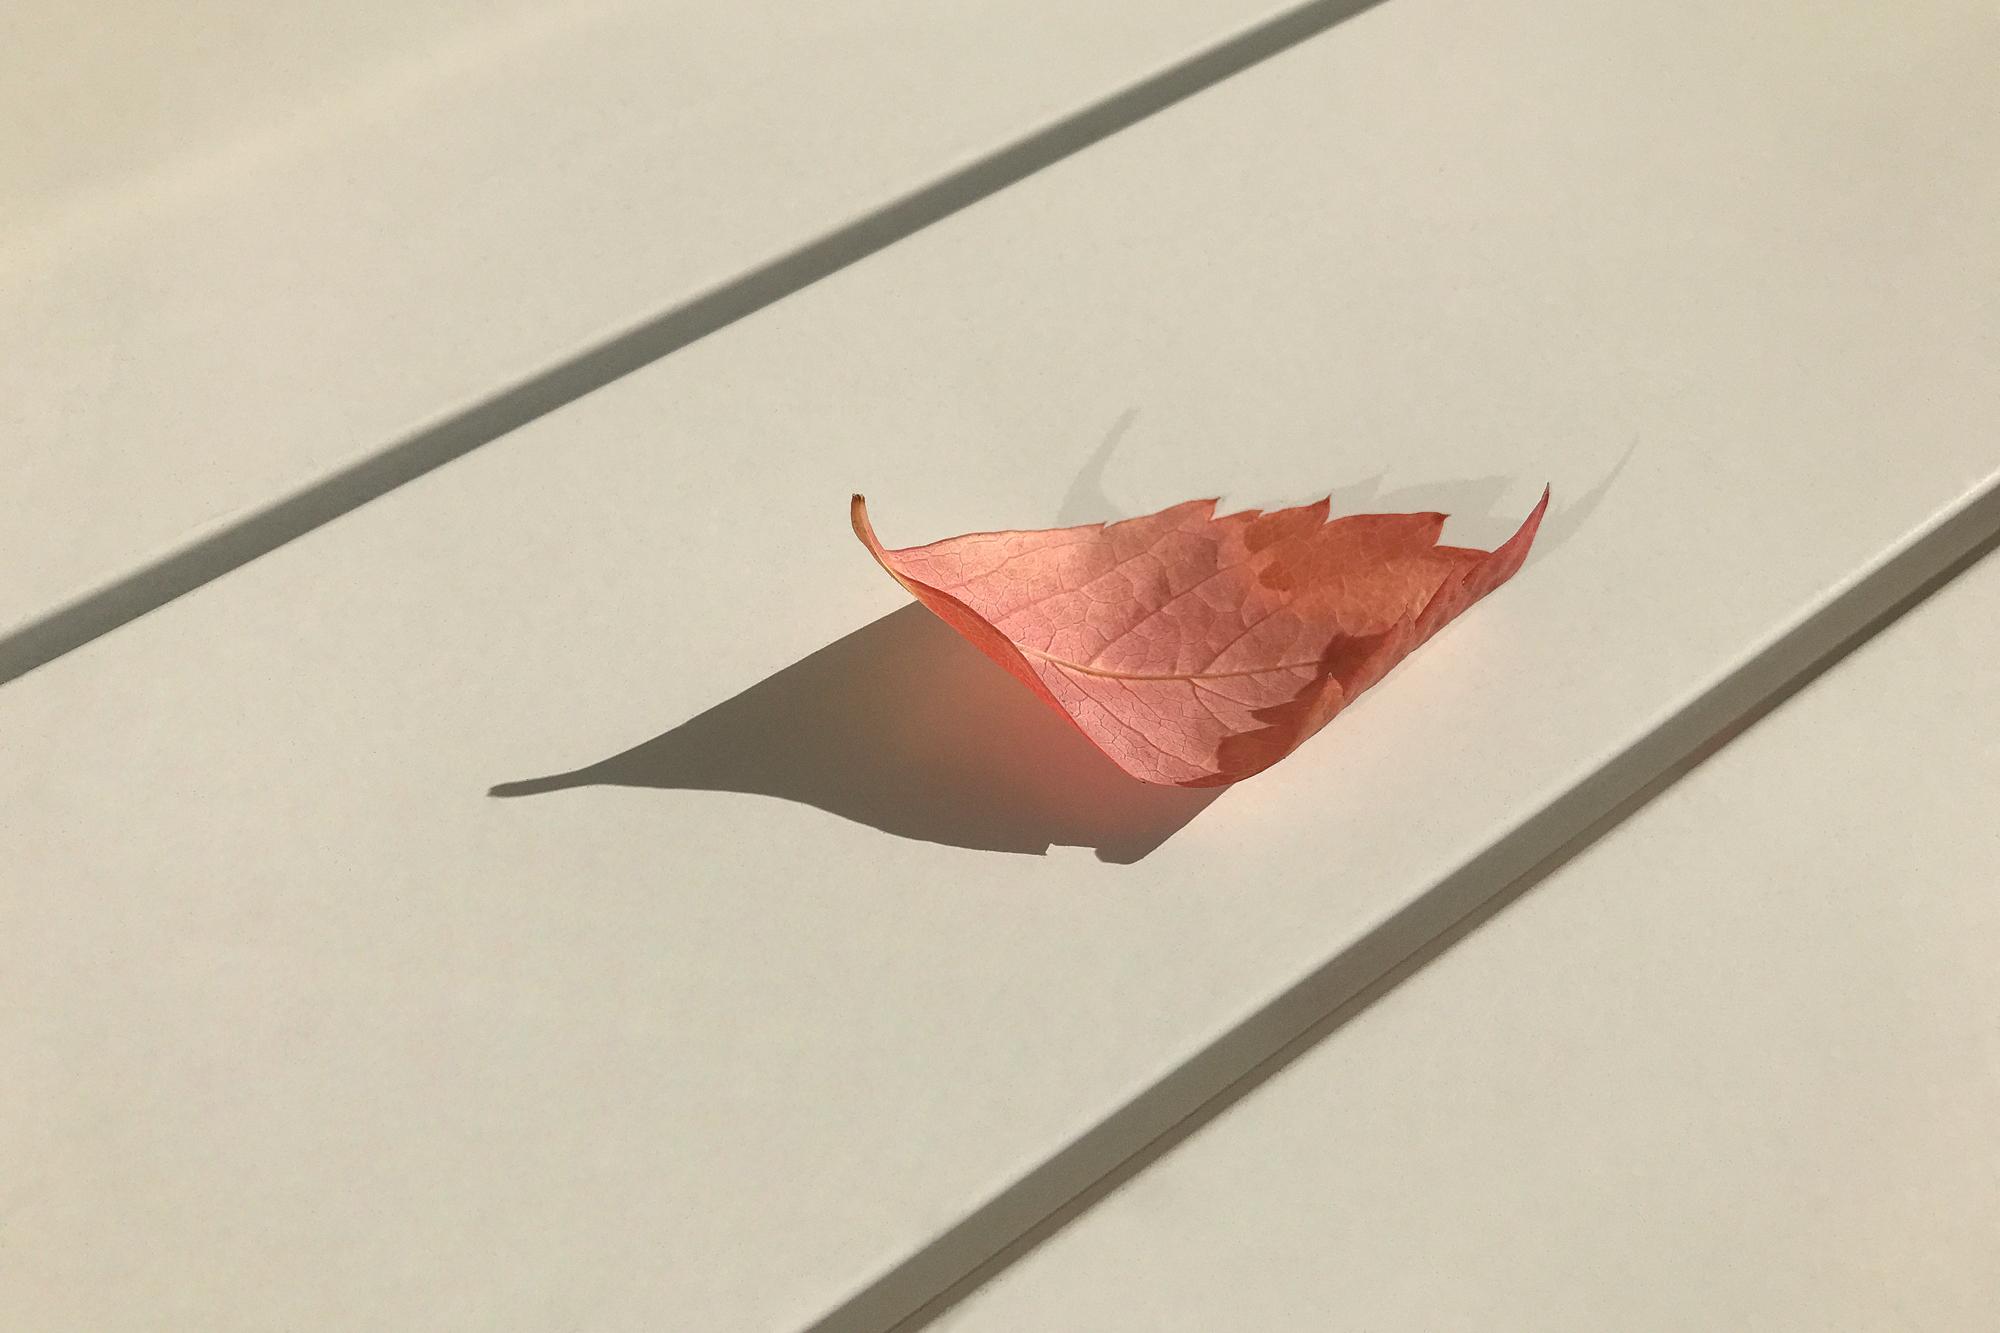 Andy Mackie - leaf on wooden floor